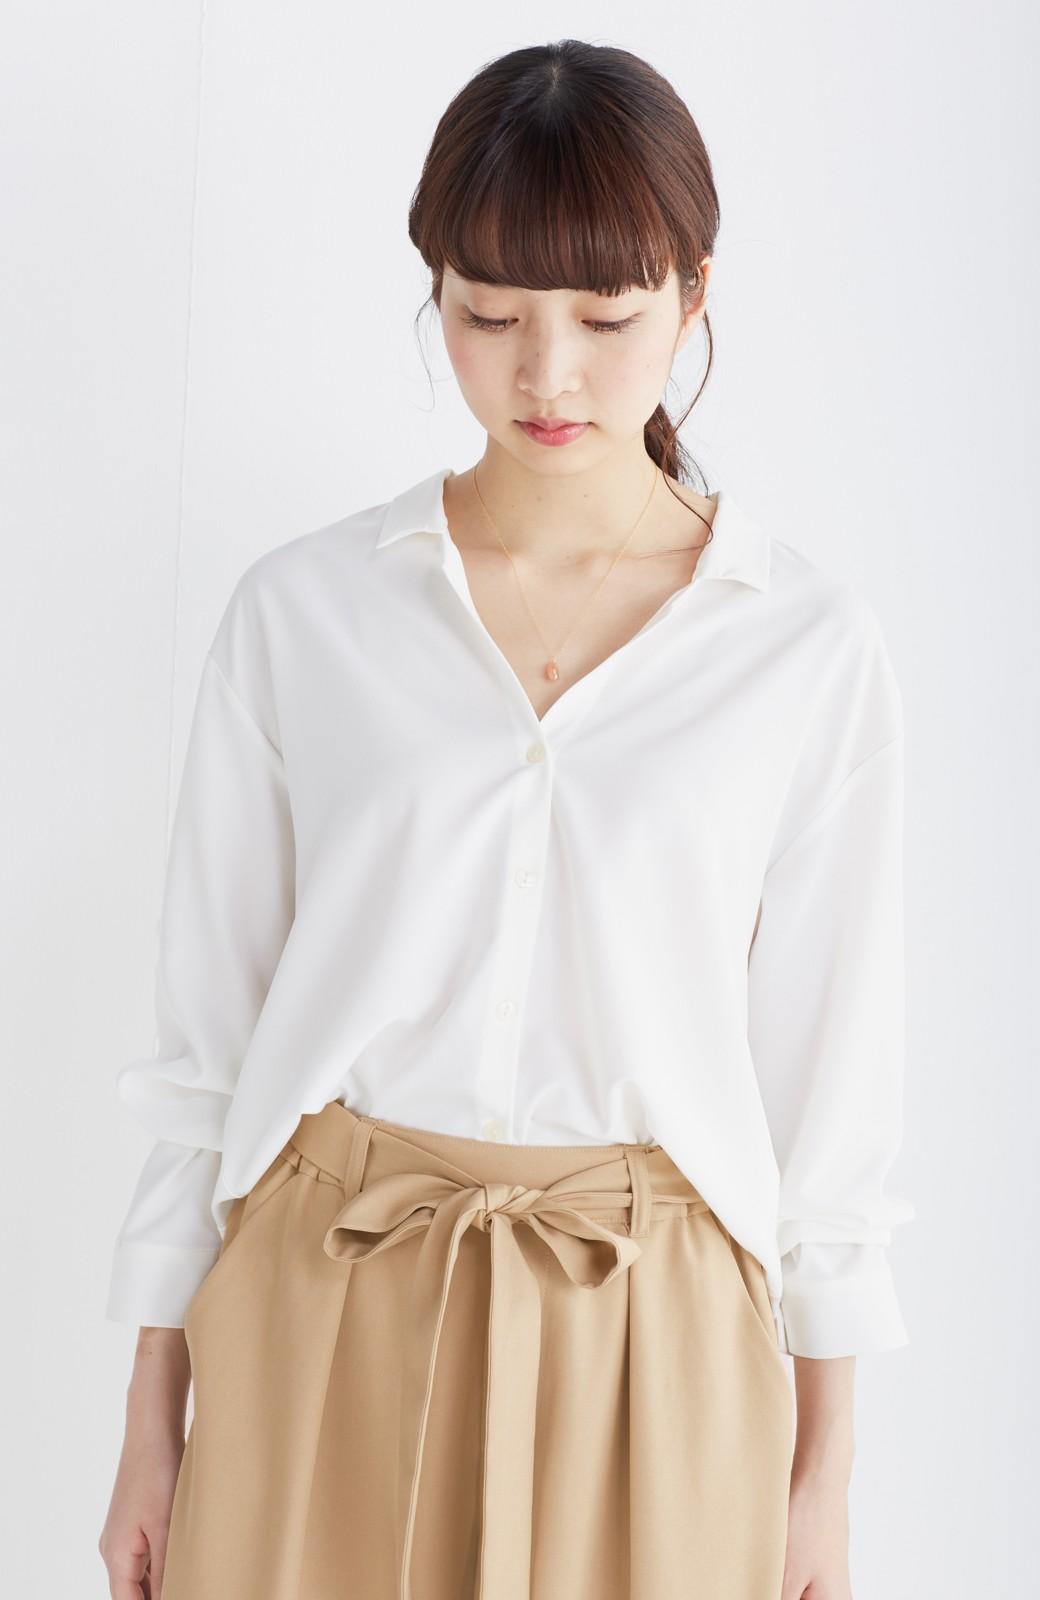 エムトロワ 女らしくてかっこいい スキッパー&抜き衿のとろみシャツ <ホワイト>の商品写真8